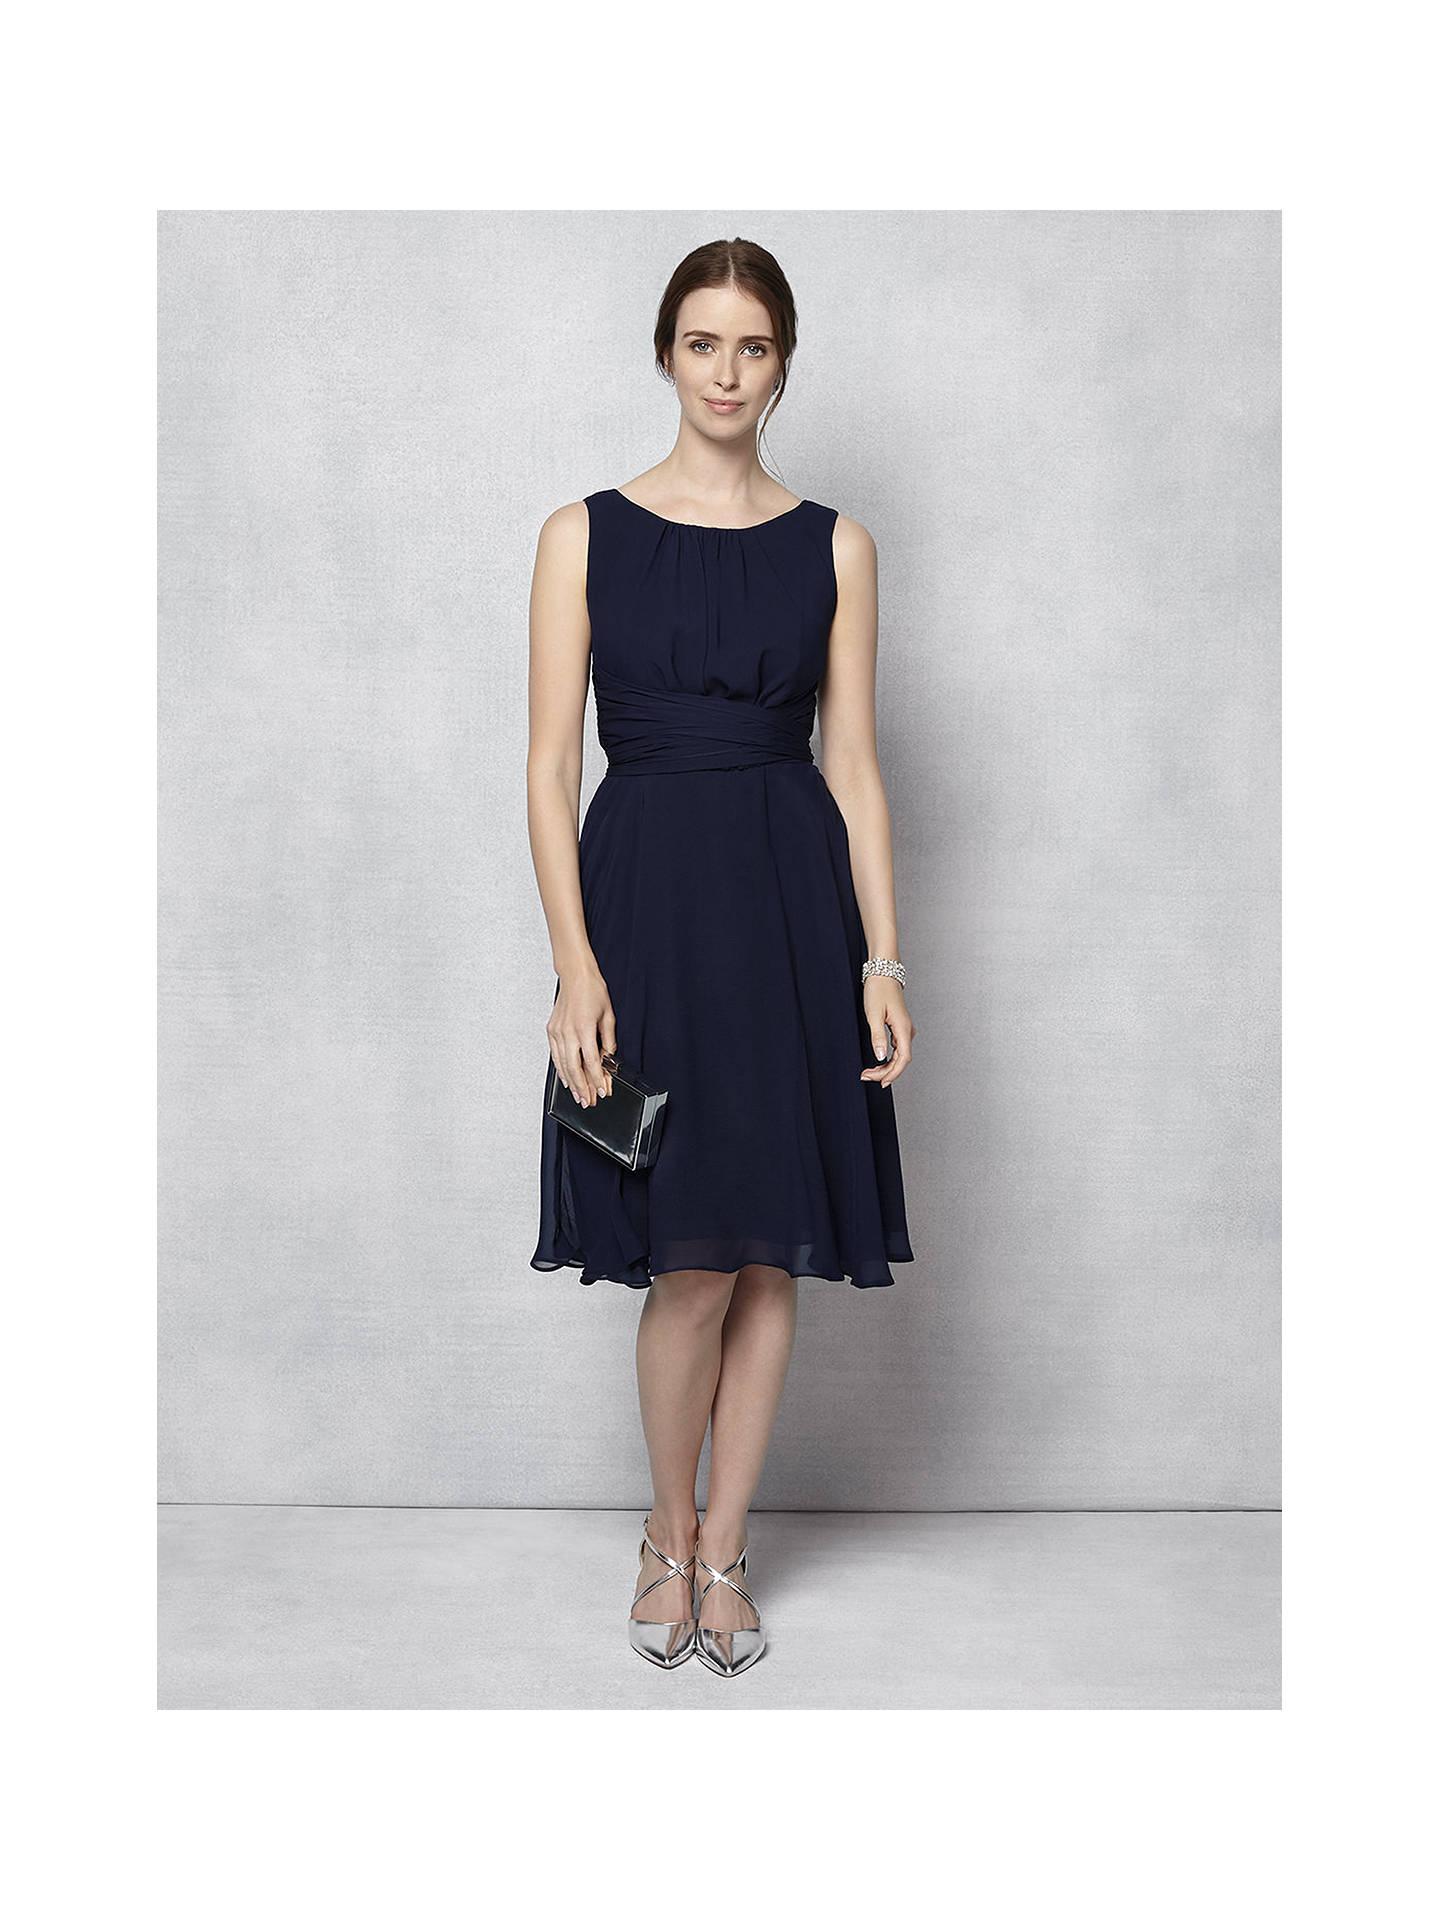 Phase Eight Marti Chiffon Dress Navy